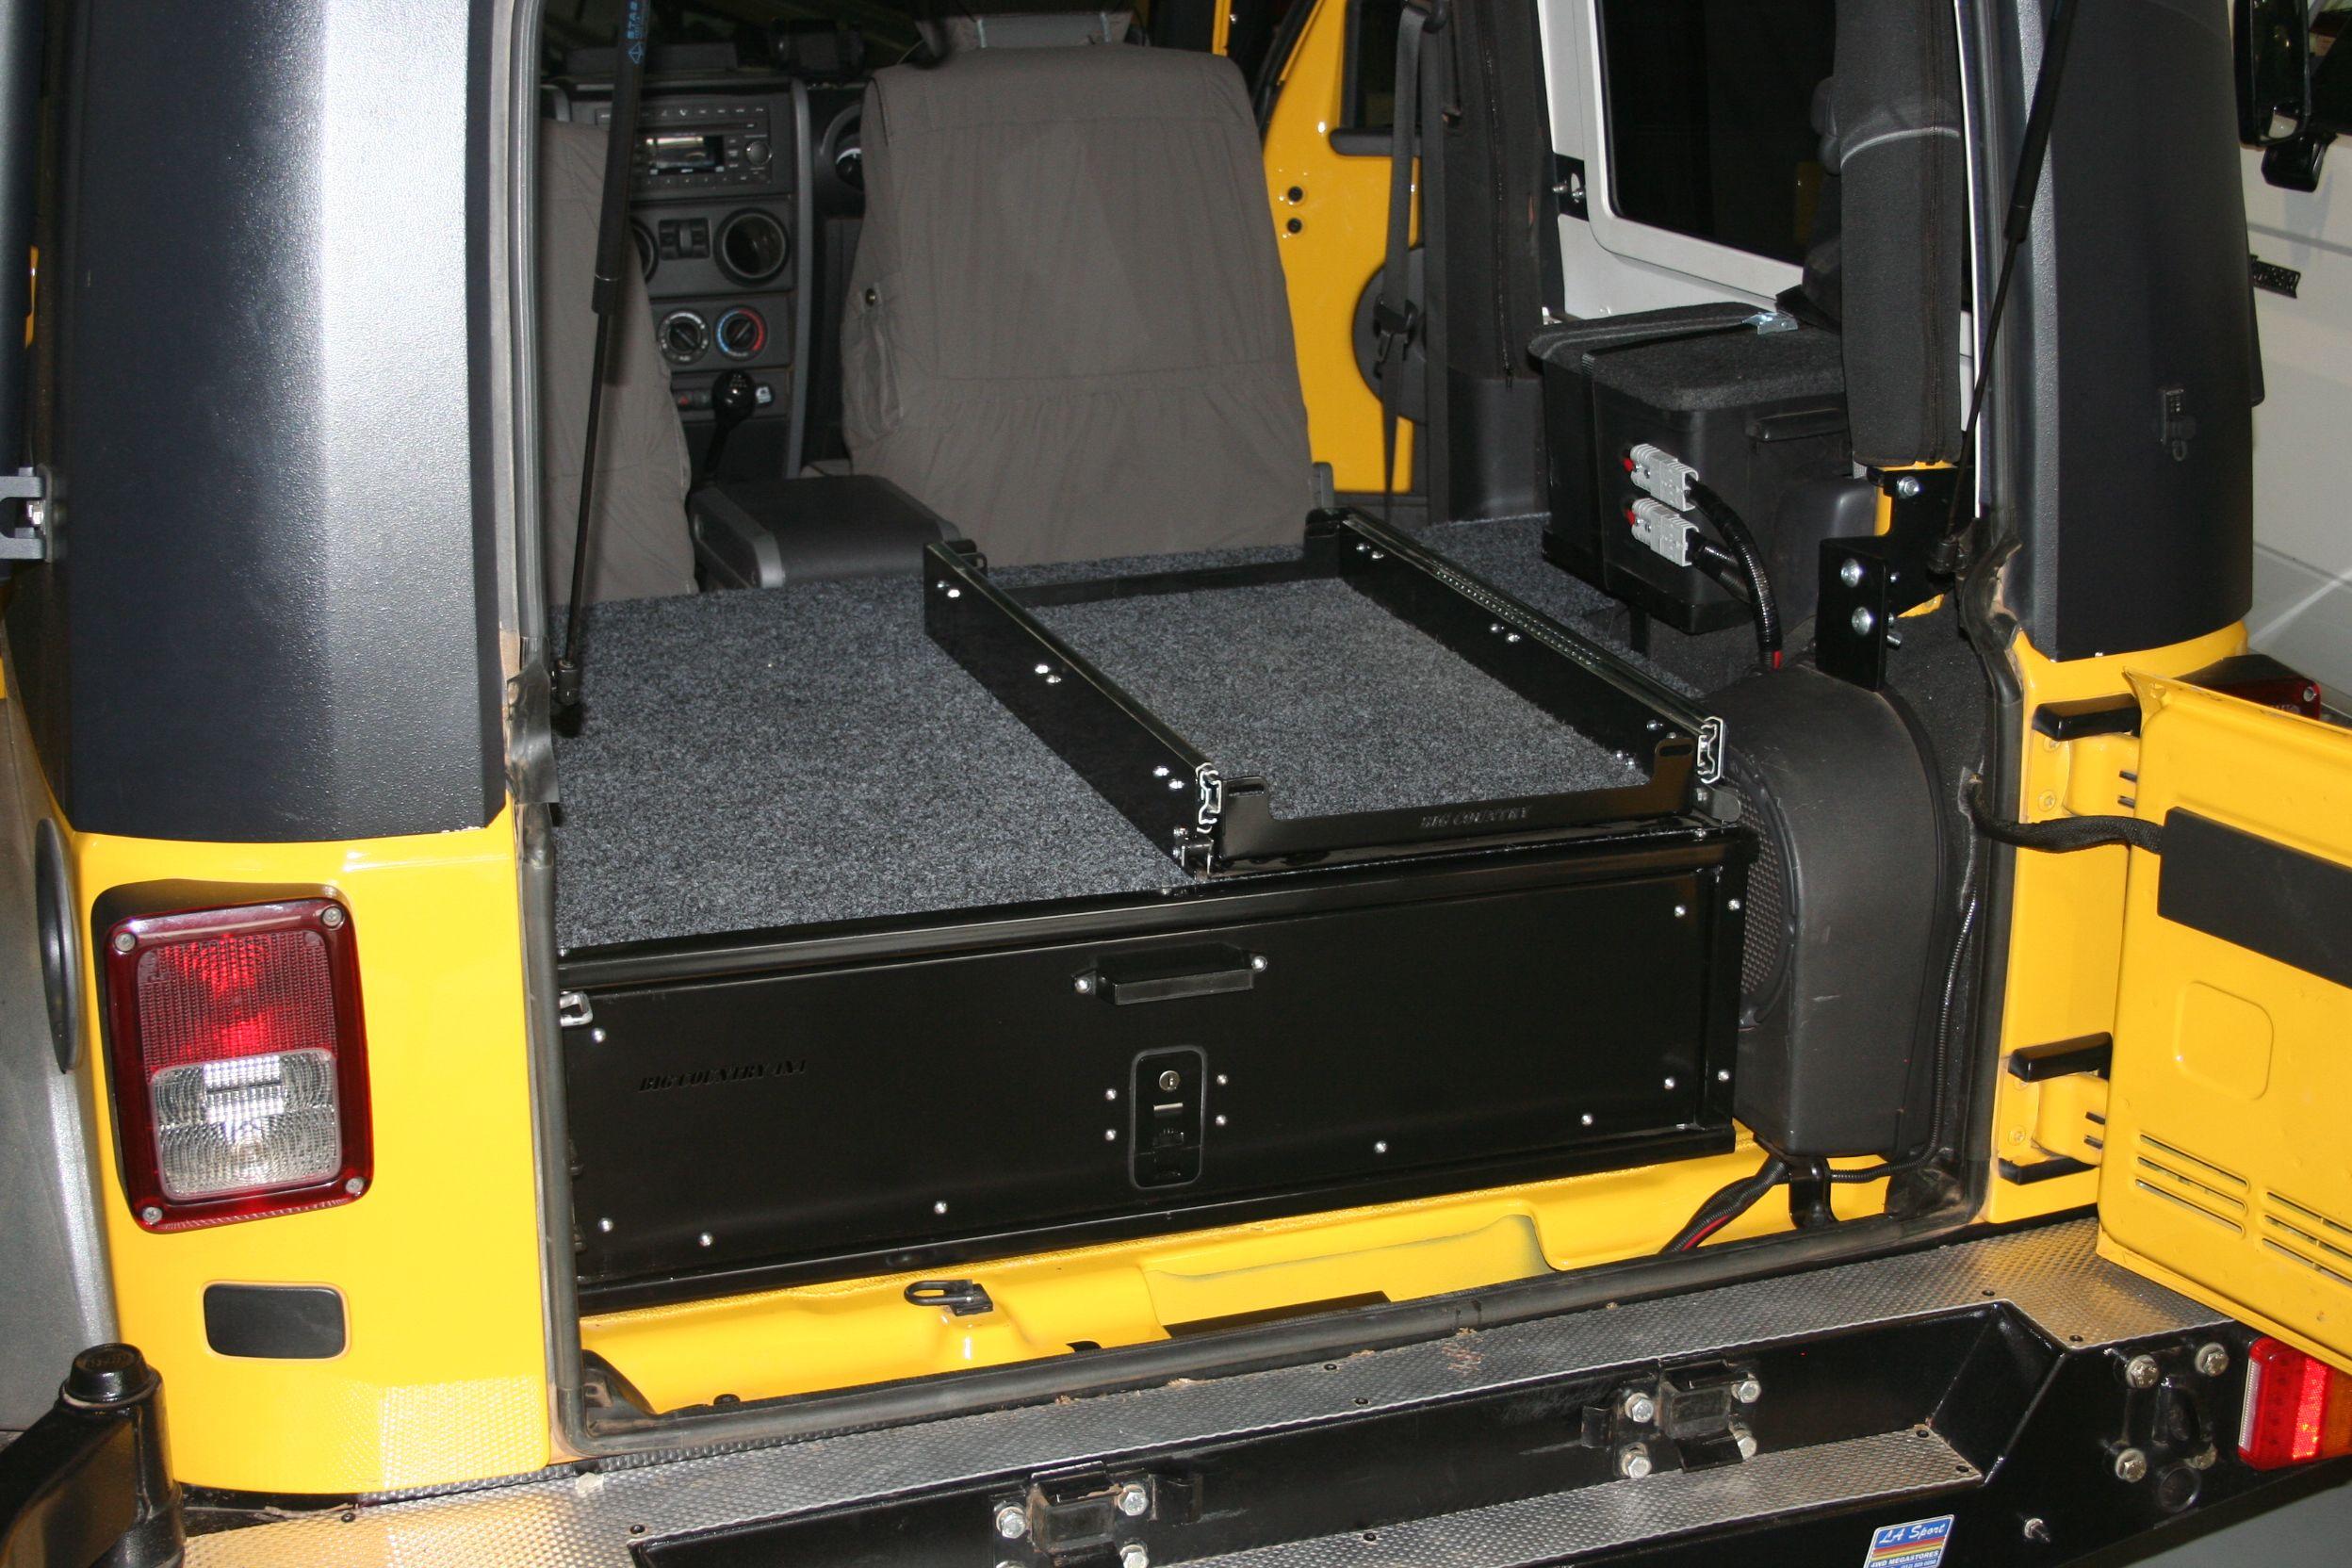 Jeep jk interior jeep wrangler jk 2007 current accessories interior jeep for Jeep wrangler interior accessories